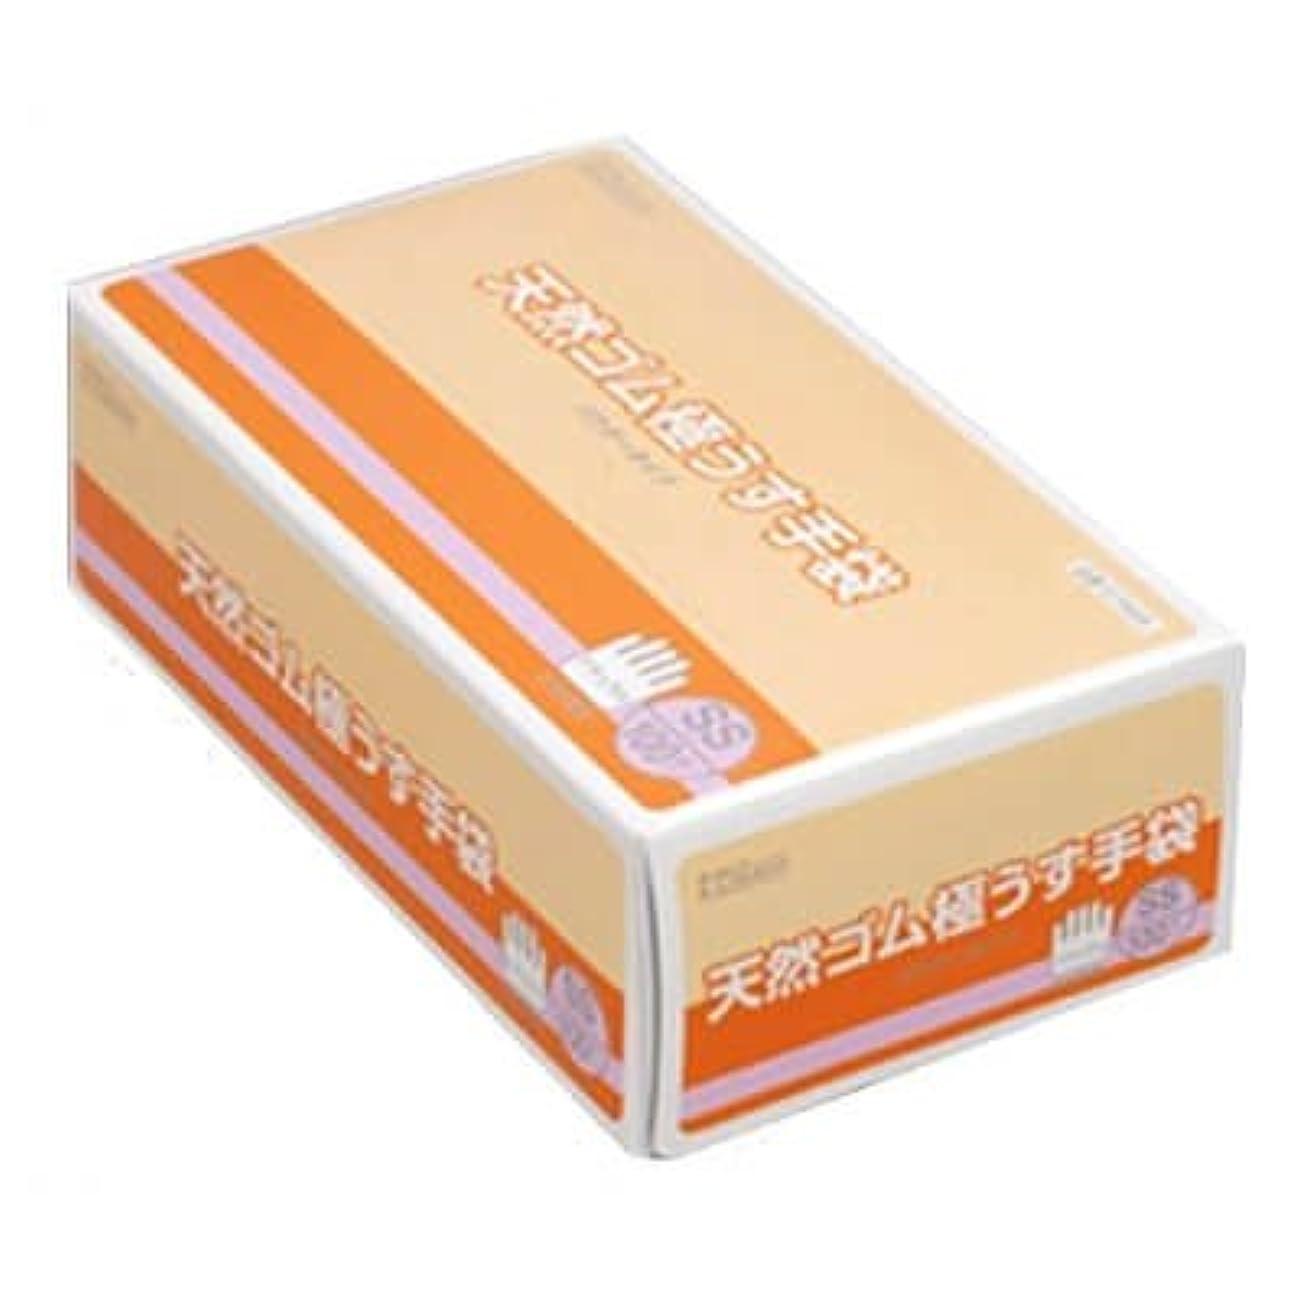 舗装セラフフクロウ【ケース販売】 ダンロップ 天然ゴム極うす手袋 SS ナチュラル (100枚入×20箱)